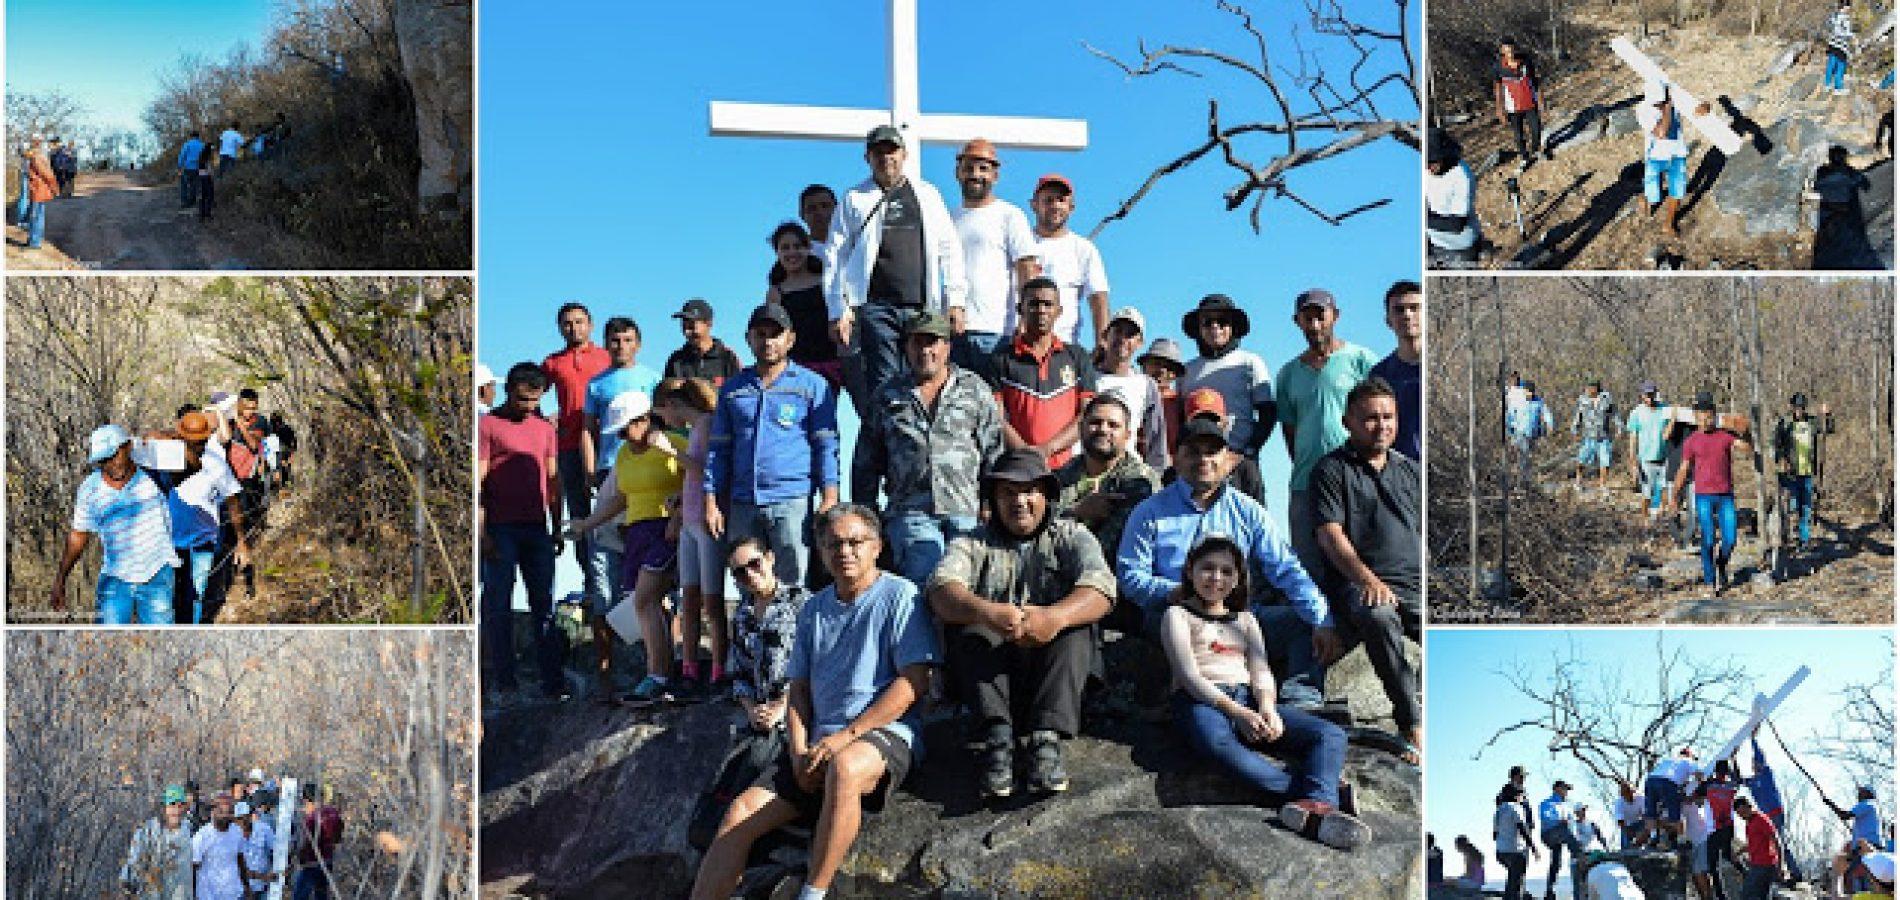 FRONTEIRAS | Em ato religioso, fiéis católicos colocam novo cruzeiro no morro do bairro Acampamento